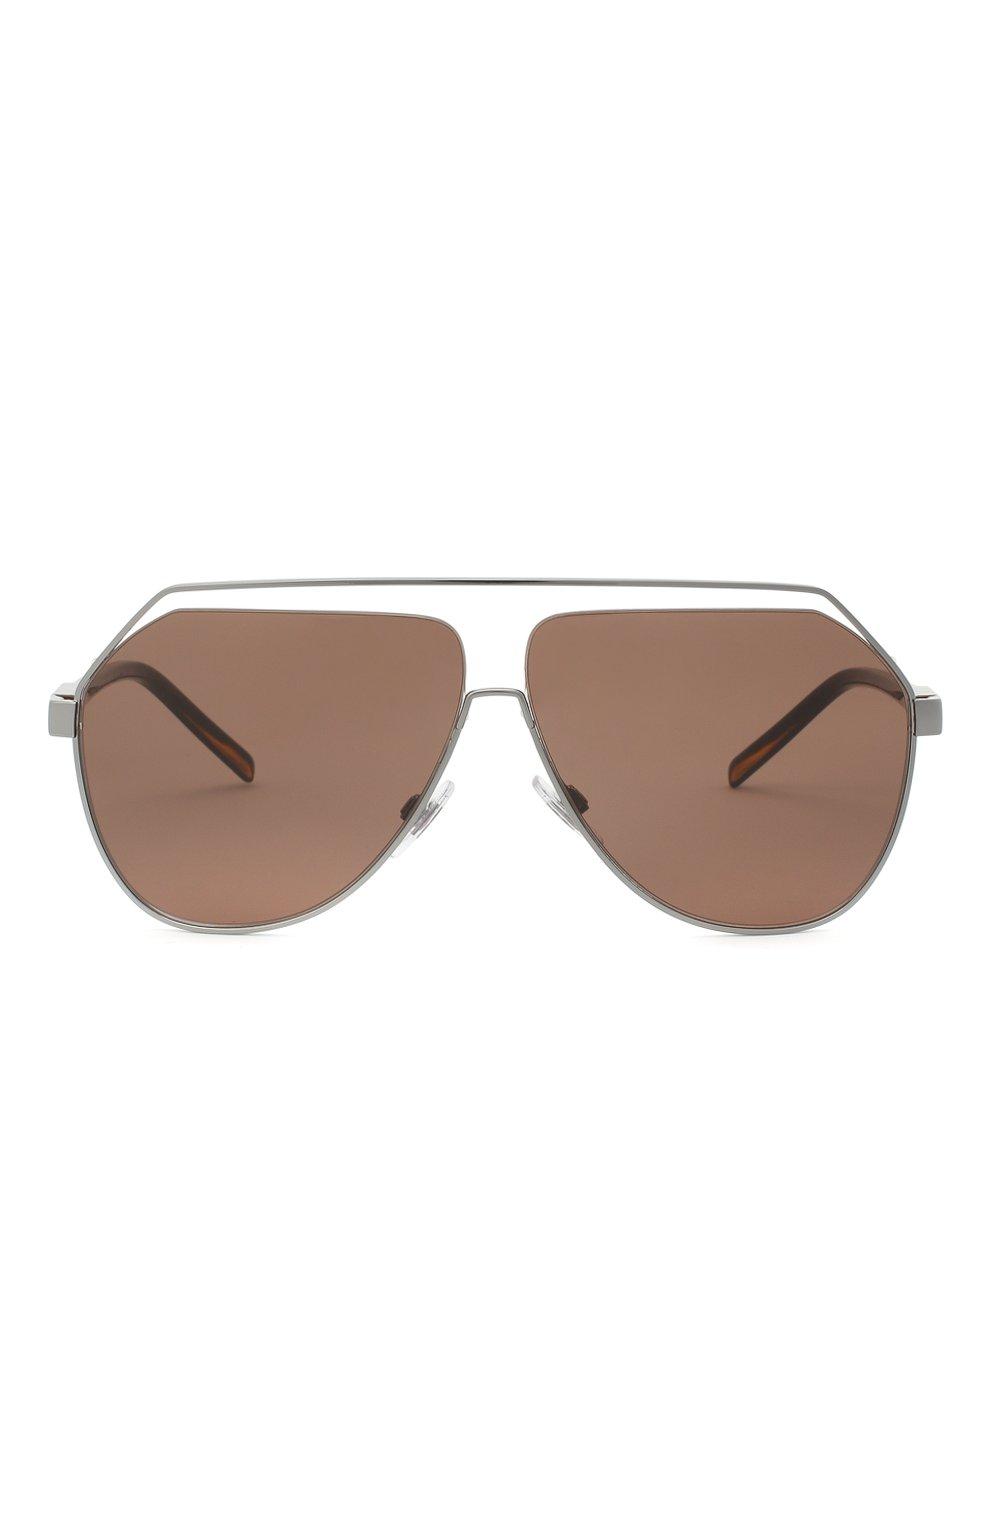 Мужские солнцезащитные очки DOLCE & GABBANA коричневого цвета, арт. 2266-04/73 | Фото 3